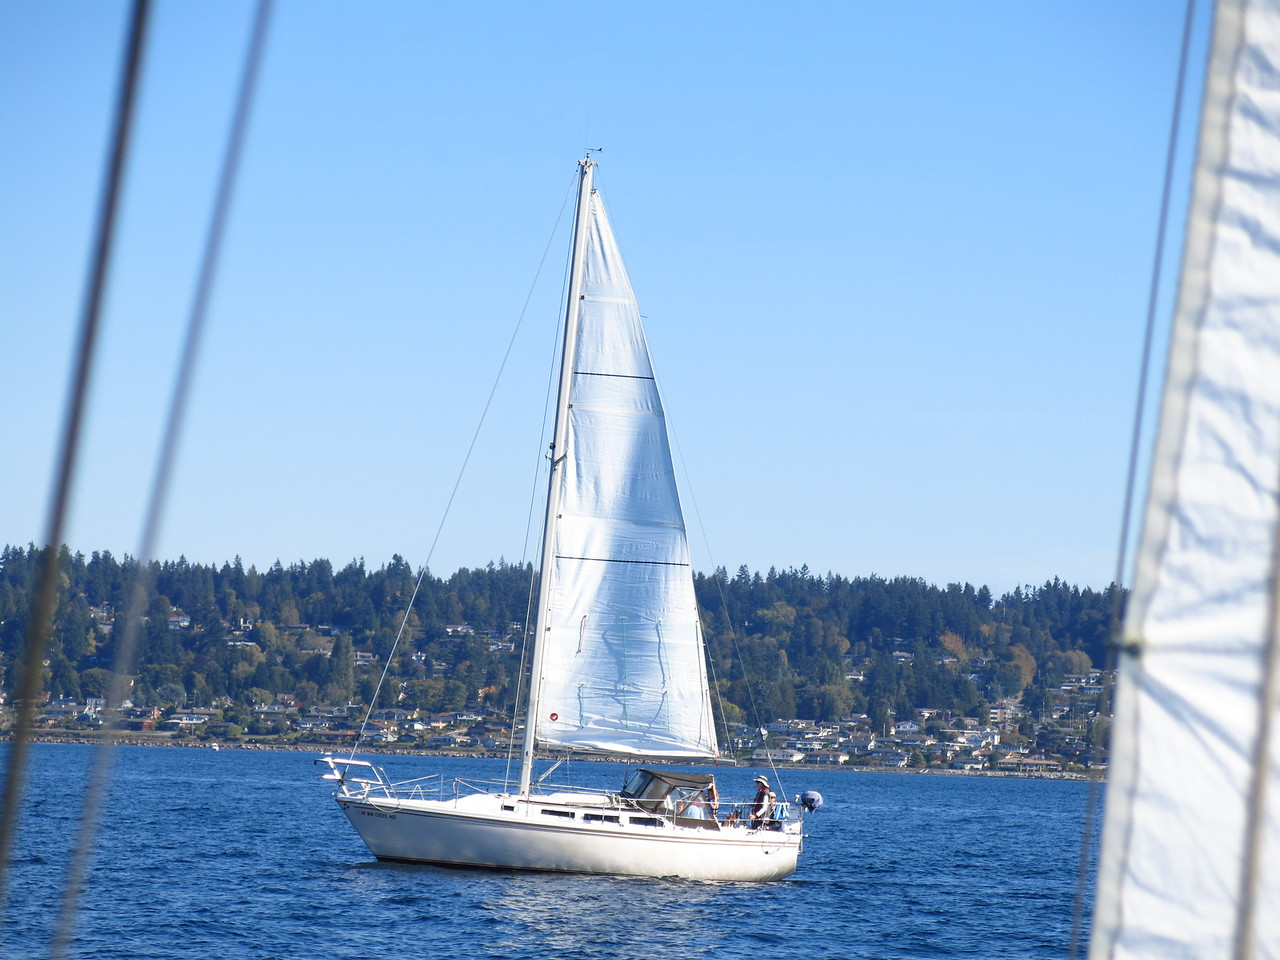 2015-10-04 Sail (16)